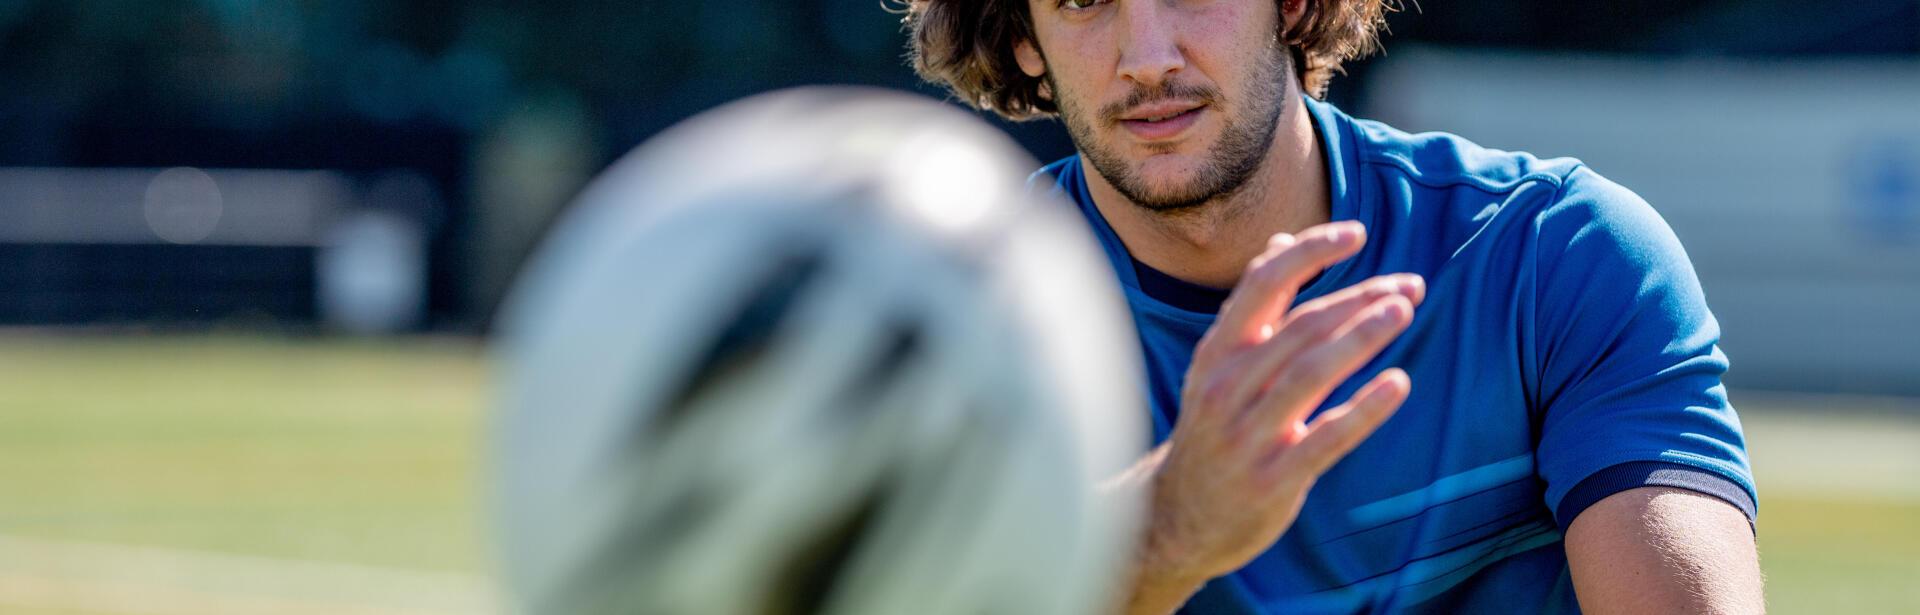 Le rugby en France